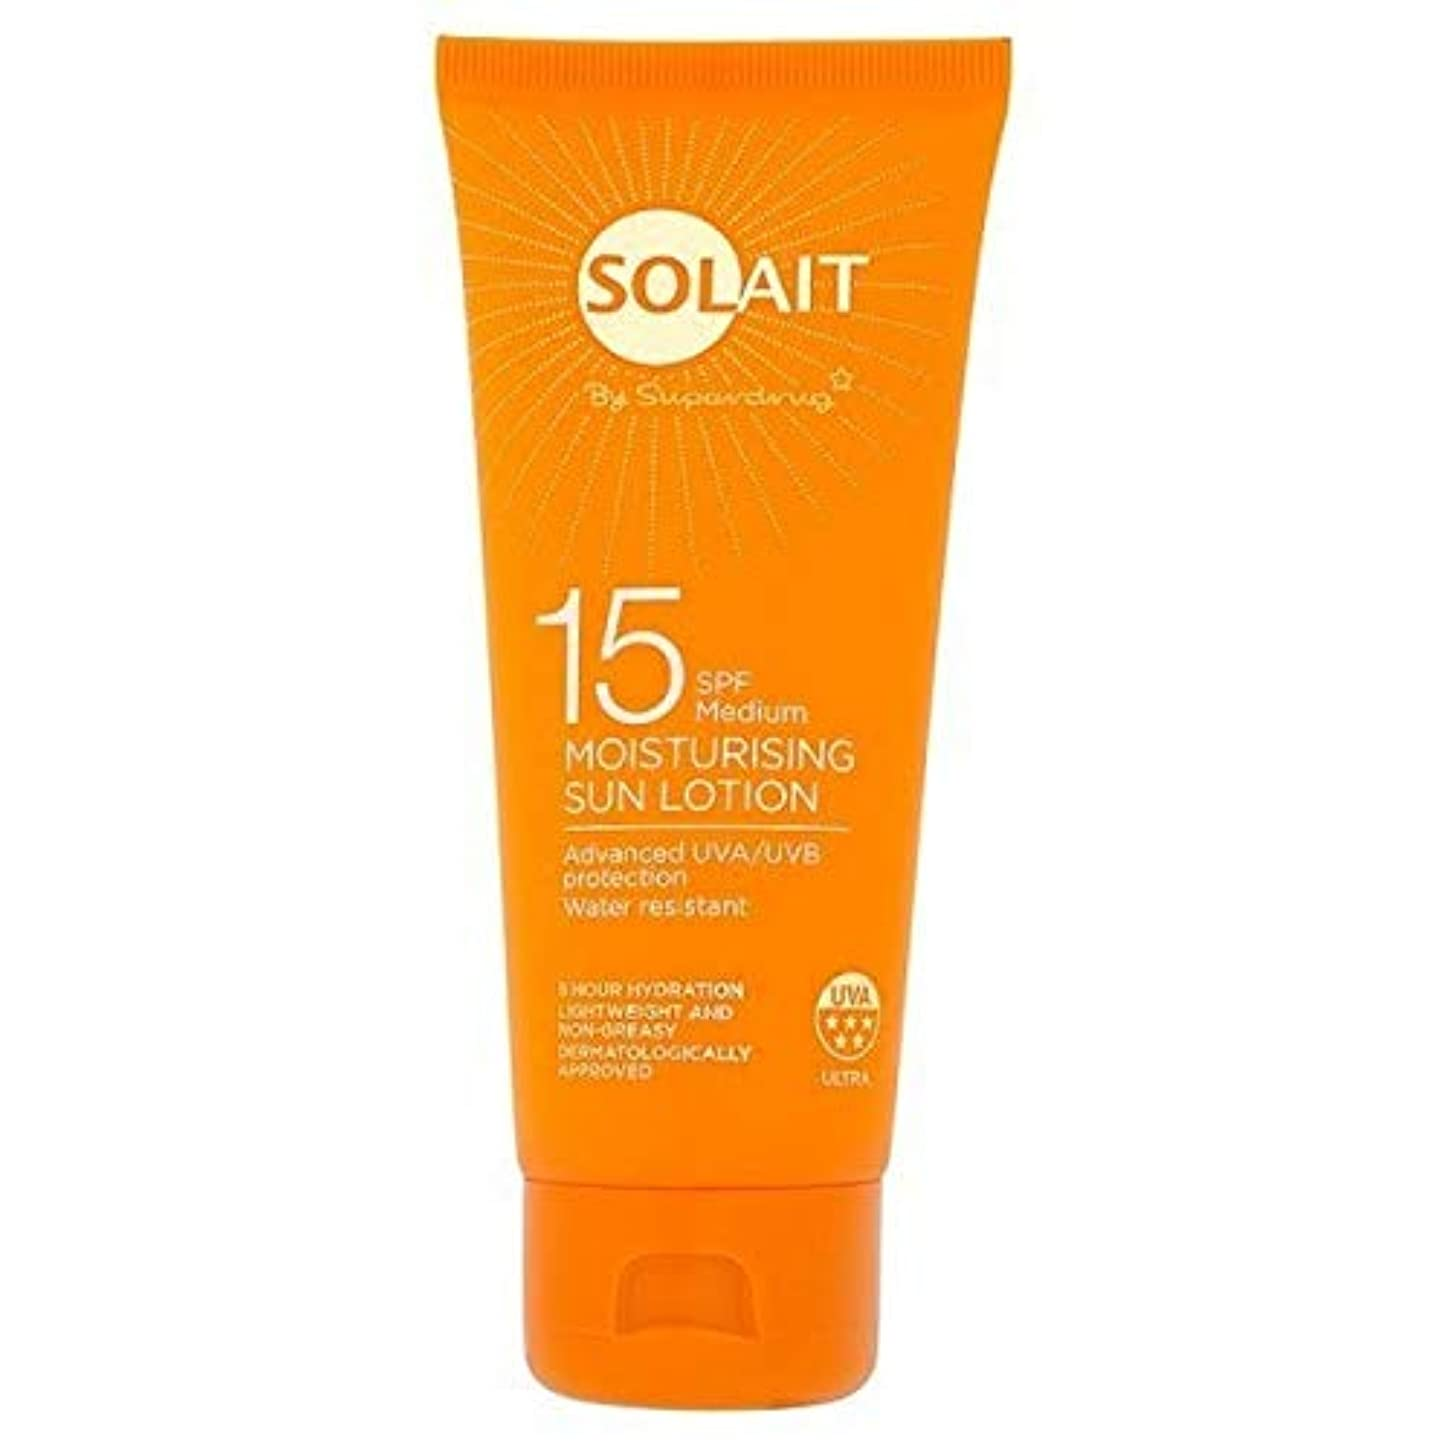 シェトランド諸島合成省略する[Solait] Solait日クリームミニSpf15の100ミリリットル - Solait Sun Cream Mini SPF15 100ml [並行輸入品]